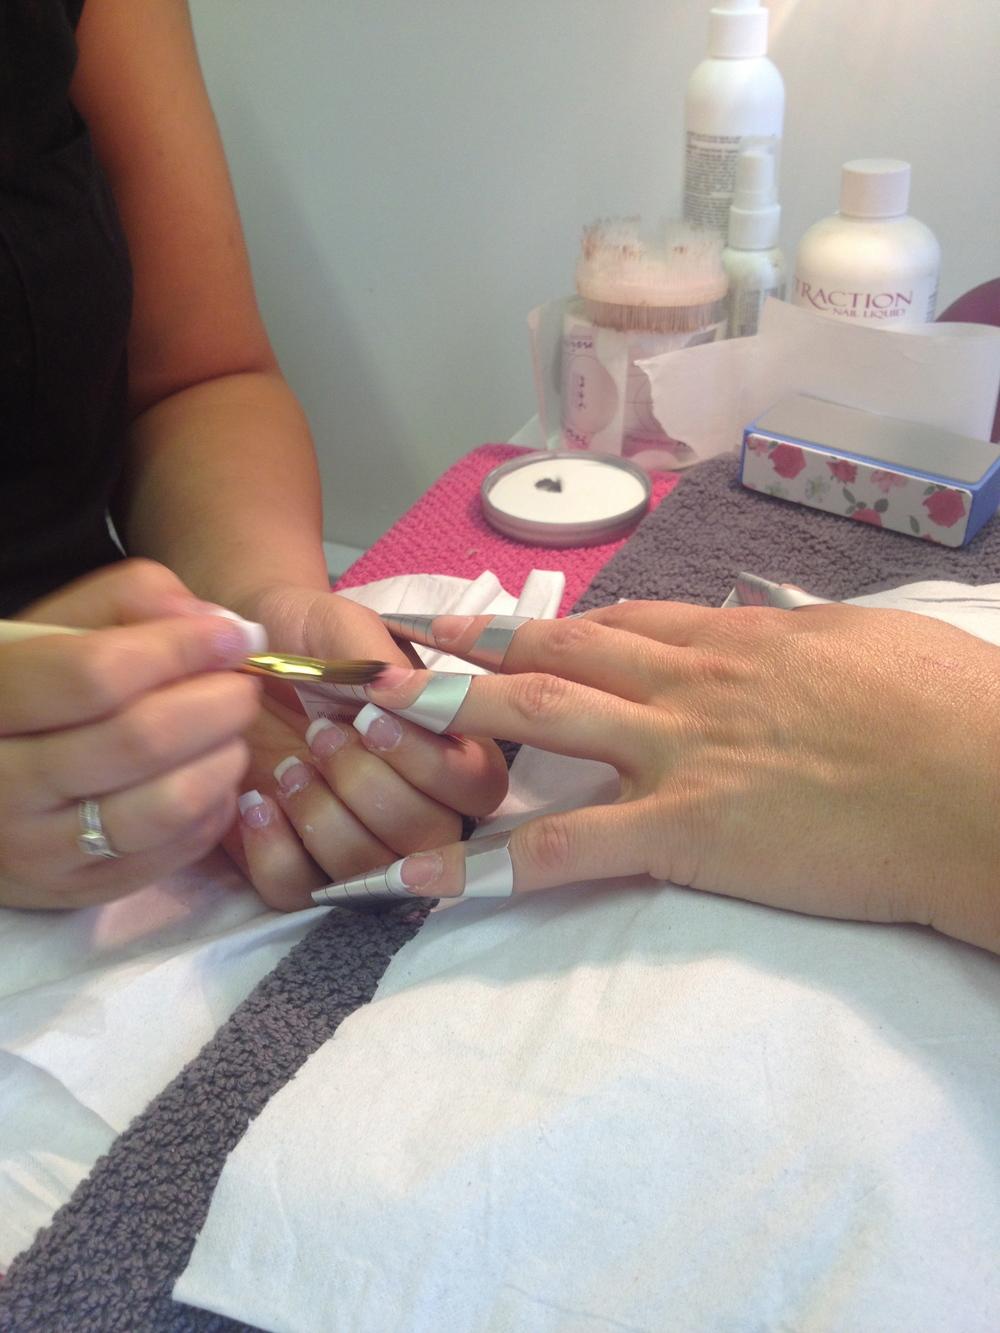 manicure pedicure training manual splendid wedding company rh splendidweddingcompany com Manicure and Pedicure Clip Art Manicure and Pedicure Gift Cards